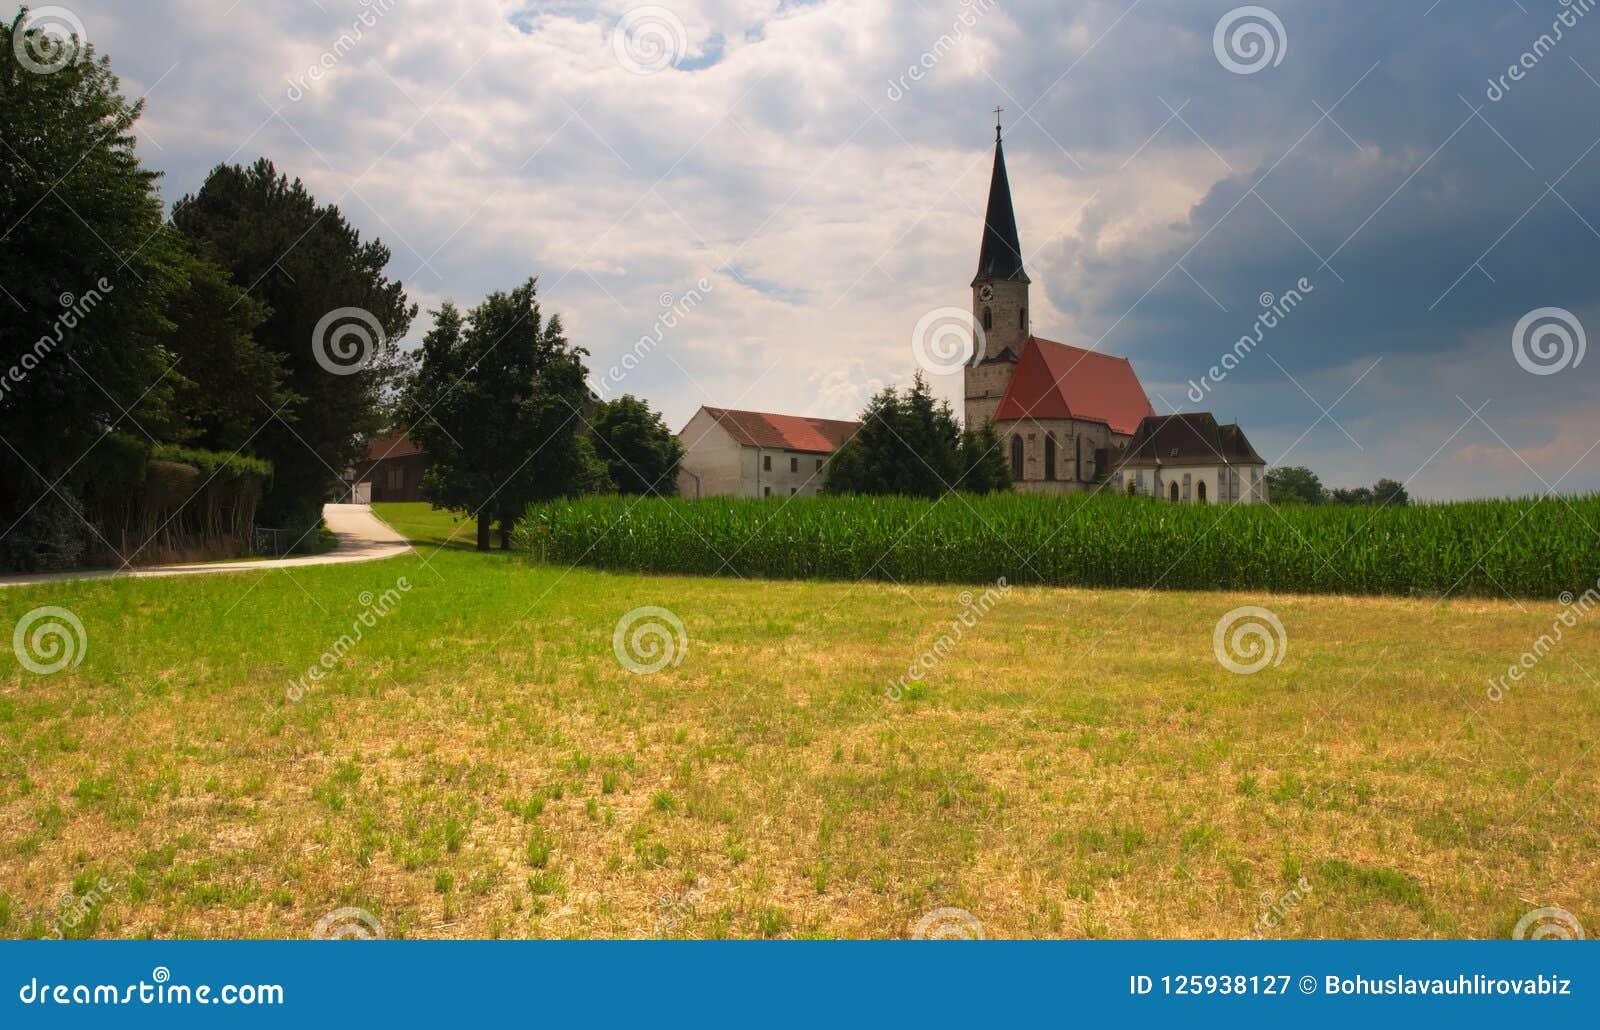 Catholic church at Kirchdorf am Inn, Upper Austria